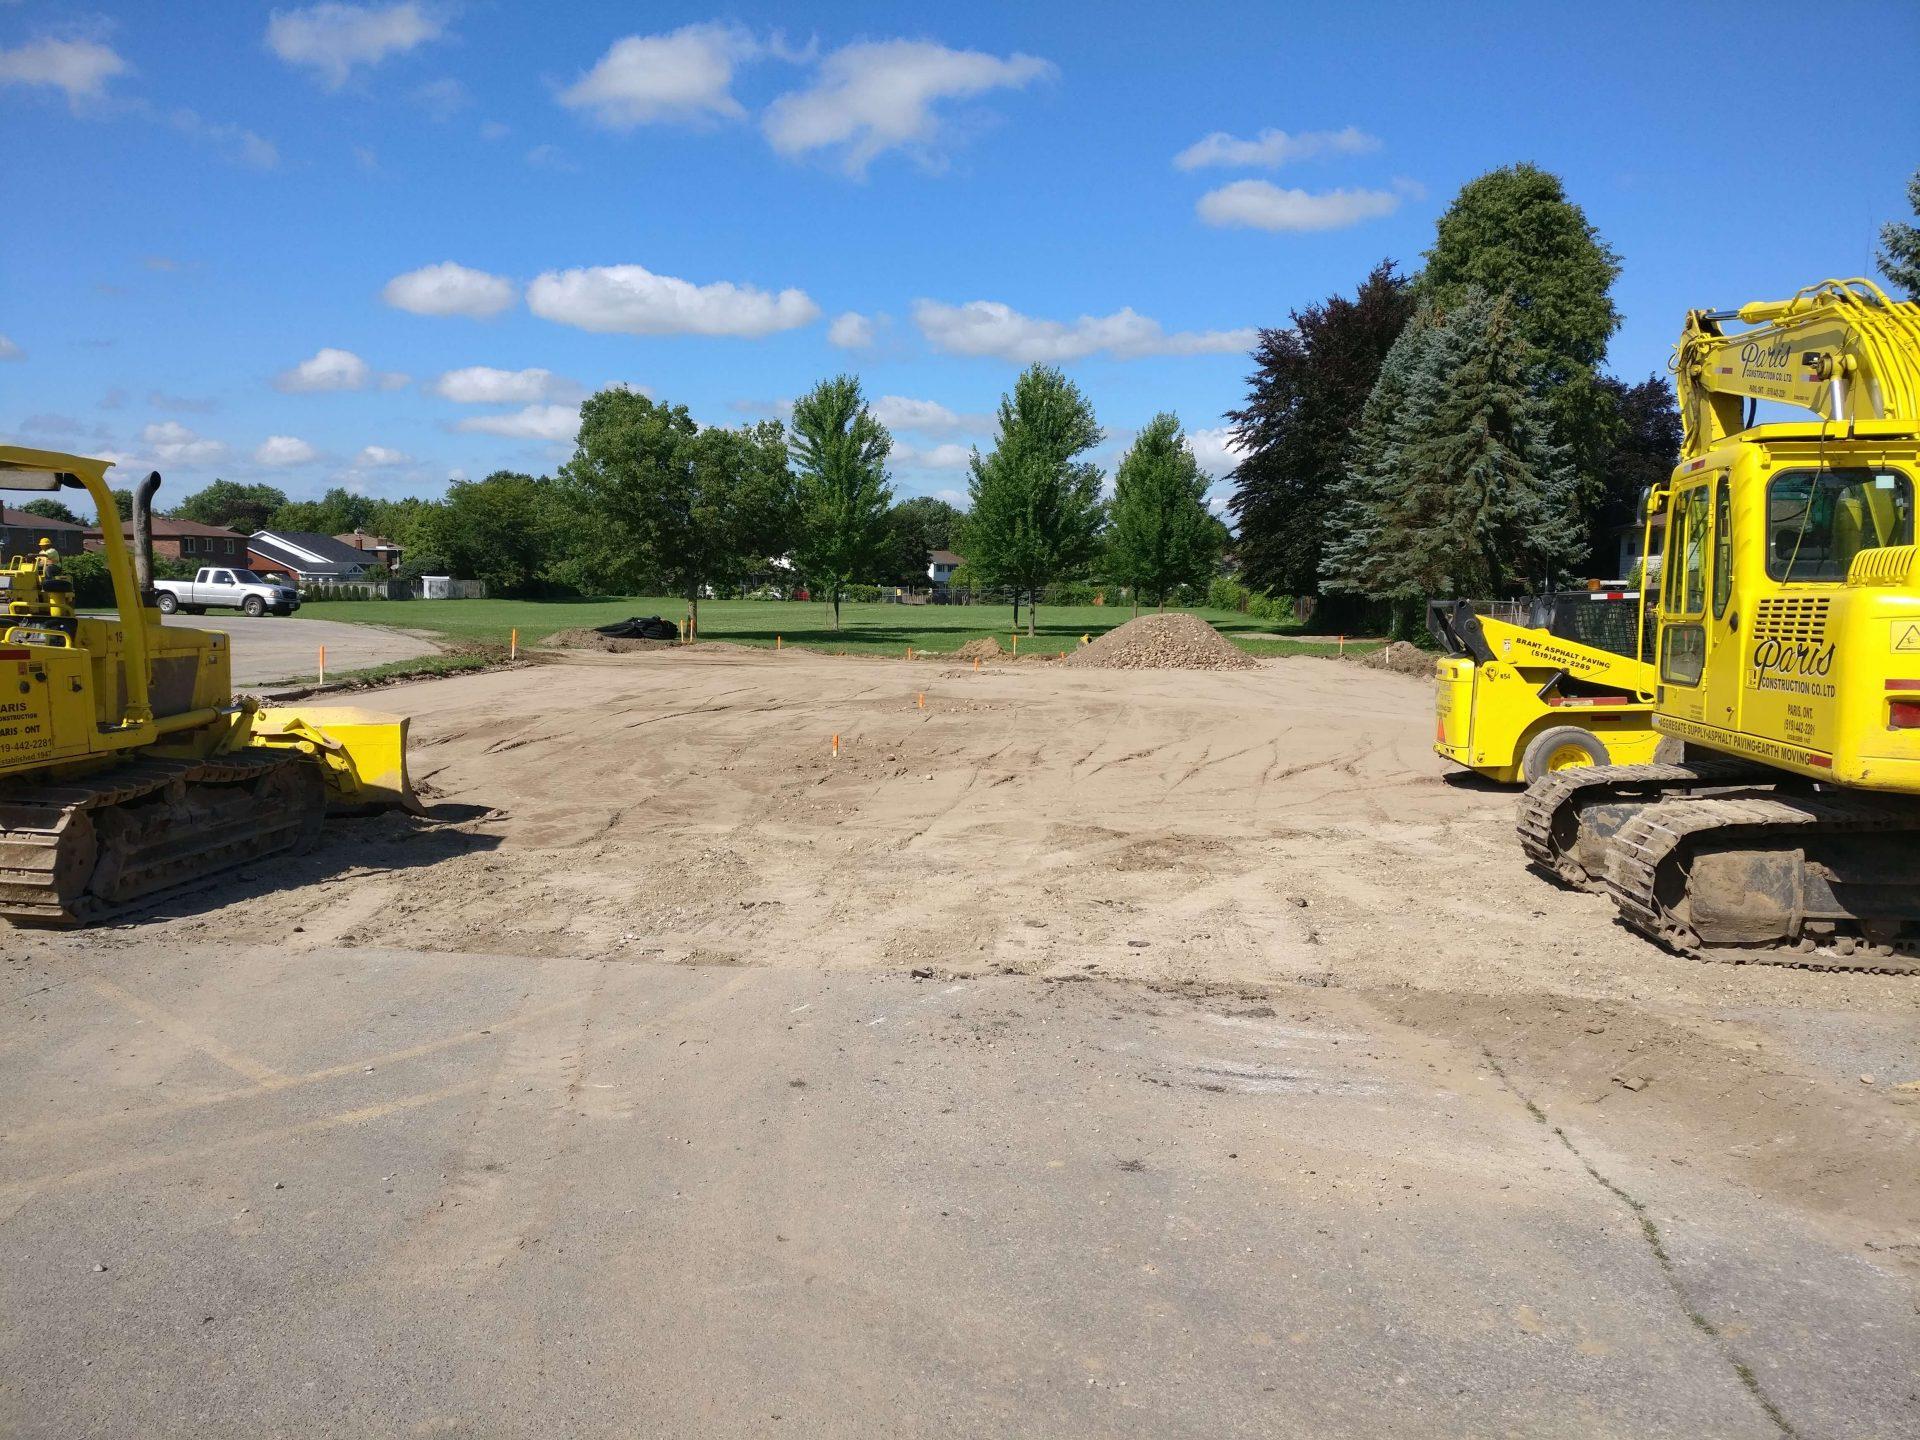 gravel unfinished parking lot